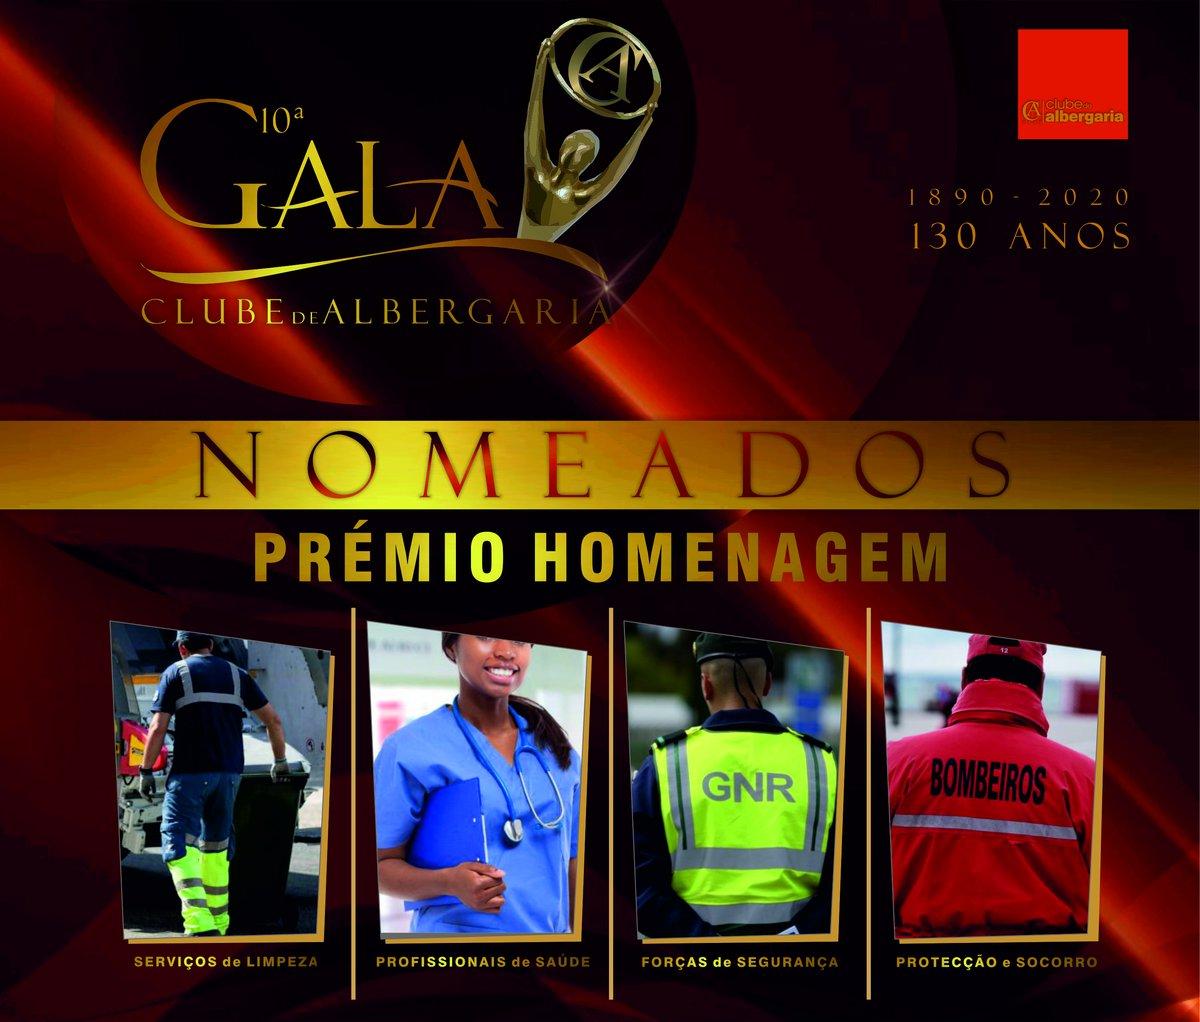 10ª Gala do Clube de Albergaria